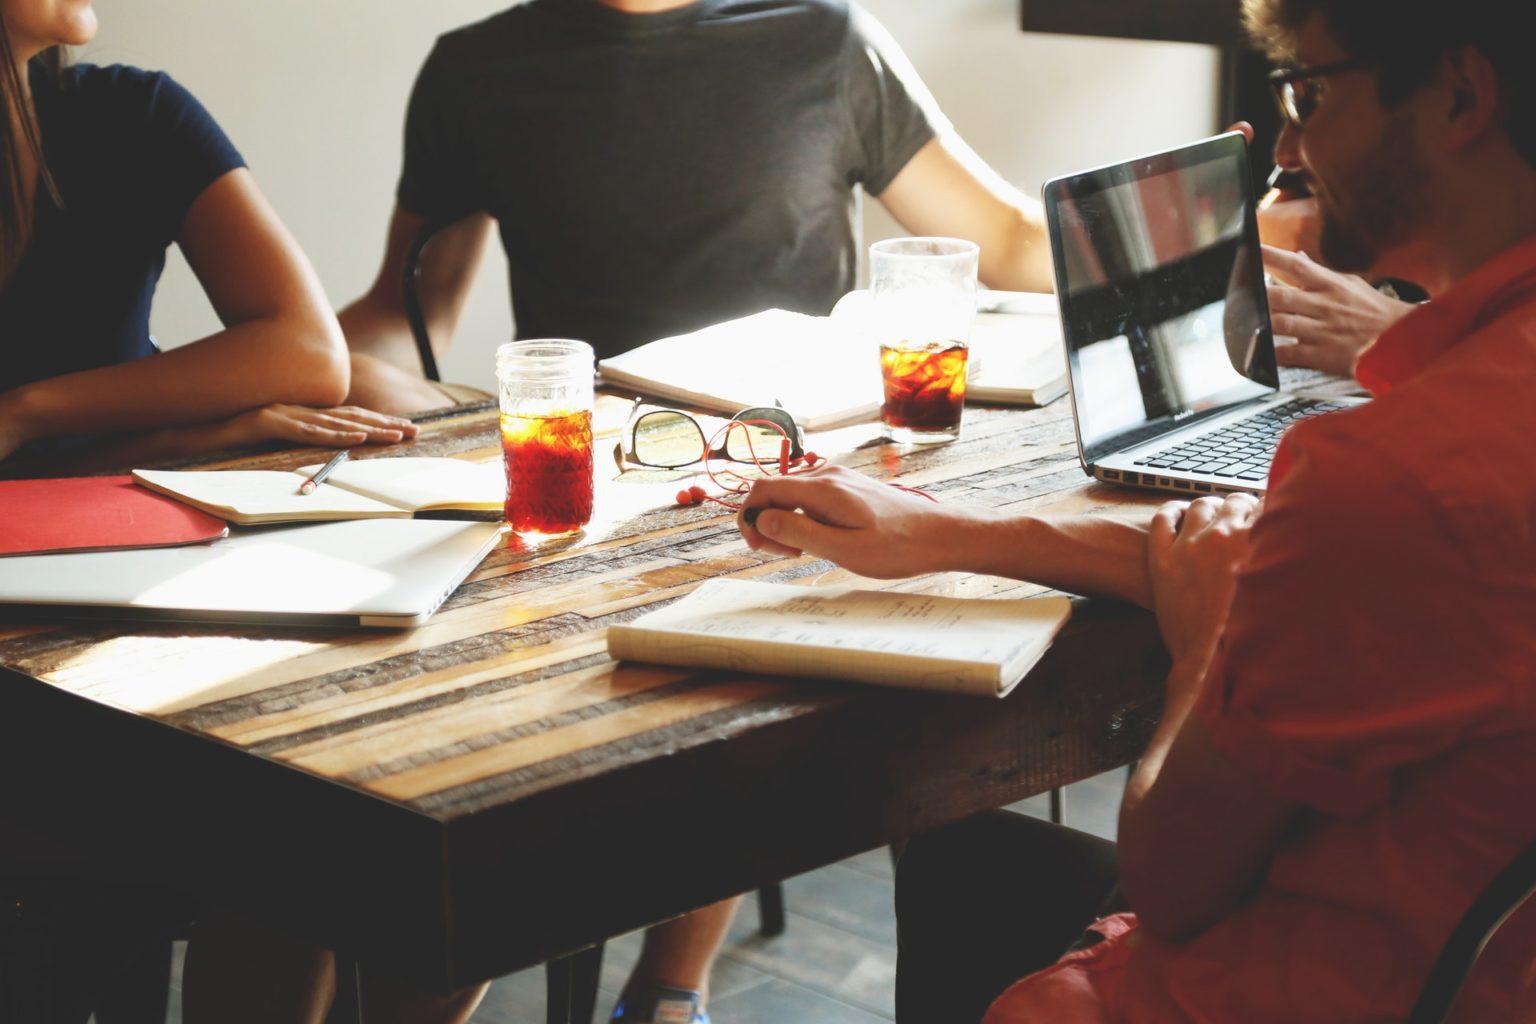 Le coworking, un bon moyen de networker ?